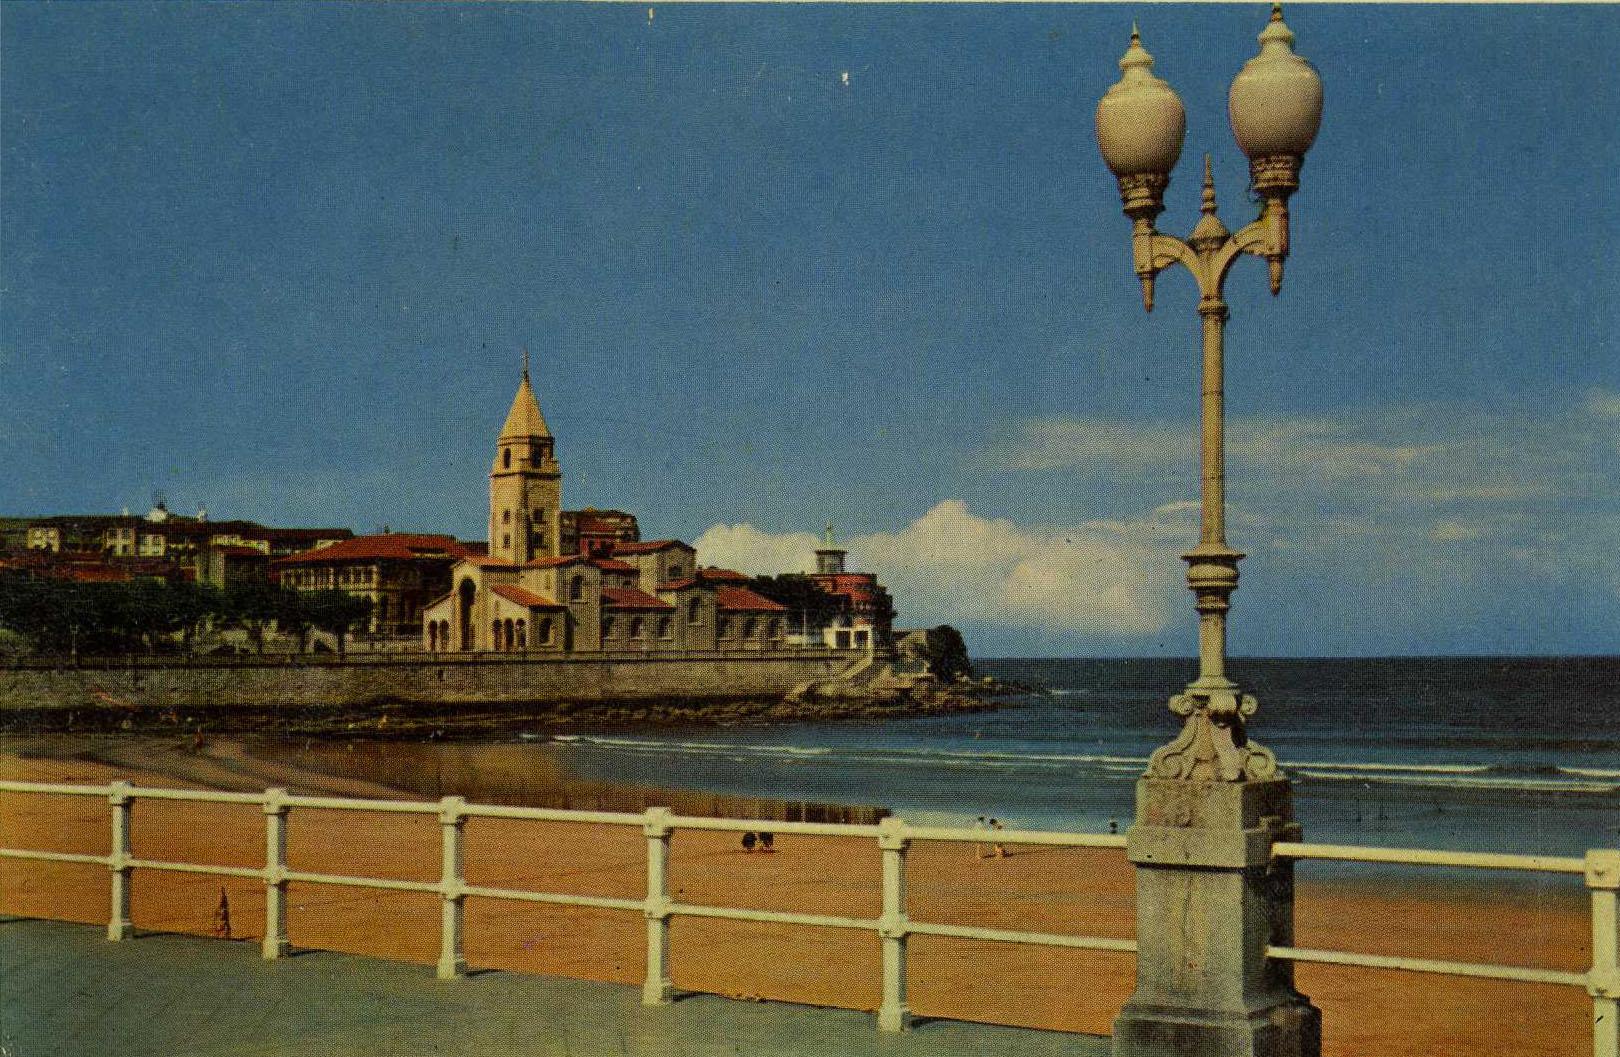 Postal de la colección del Muséu del Pueblu d'Asturies que formen parte de la esposición.